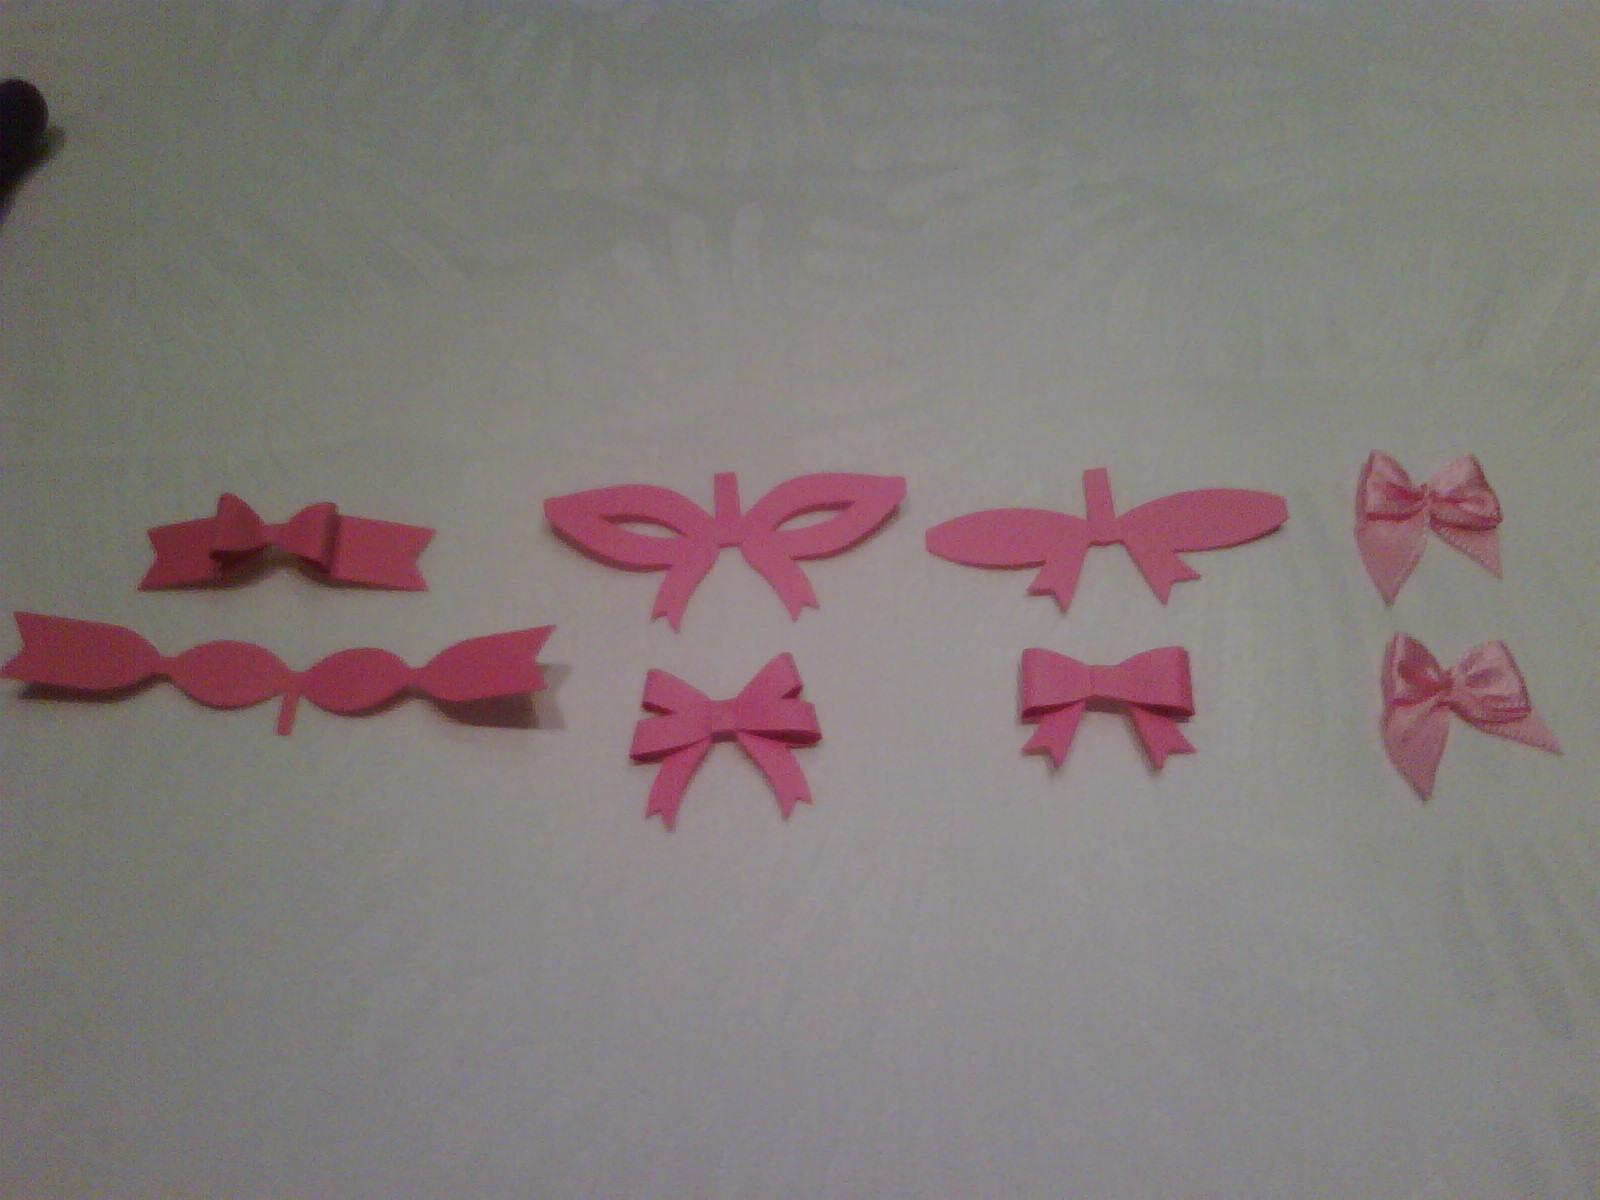 Hazlo especial Idea para souvenir decoraci³n de Nacimientos